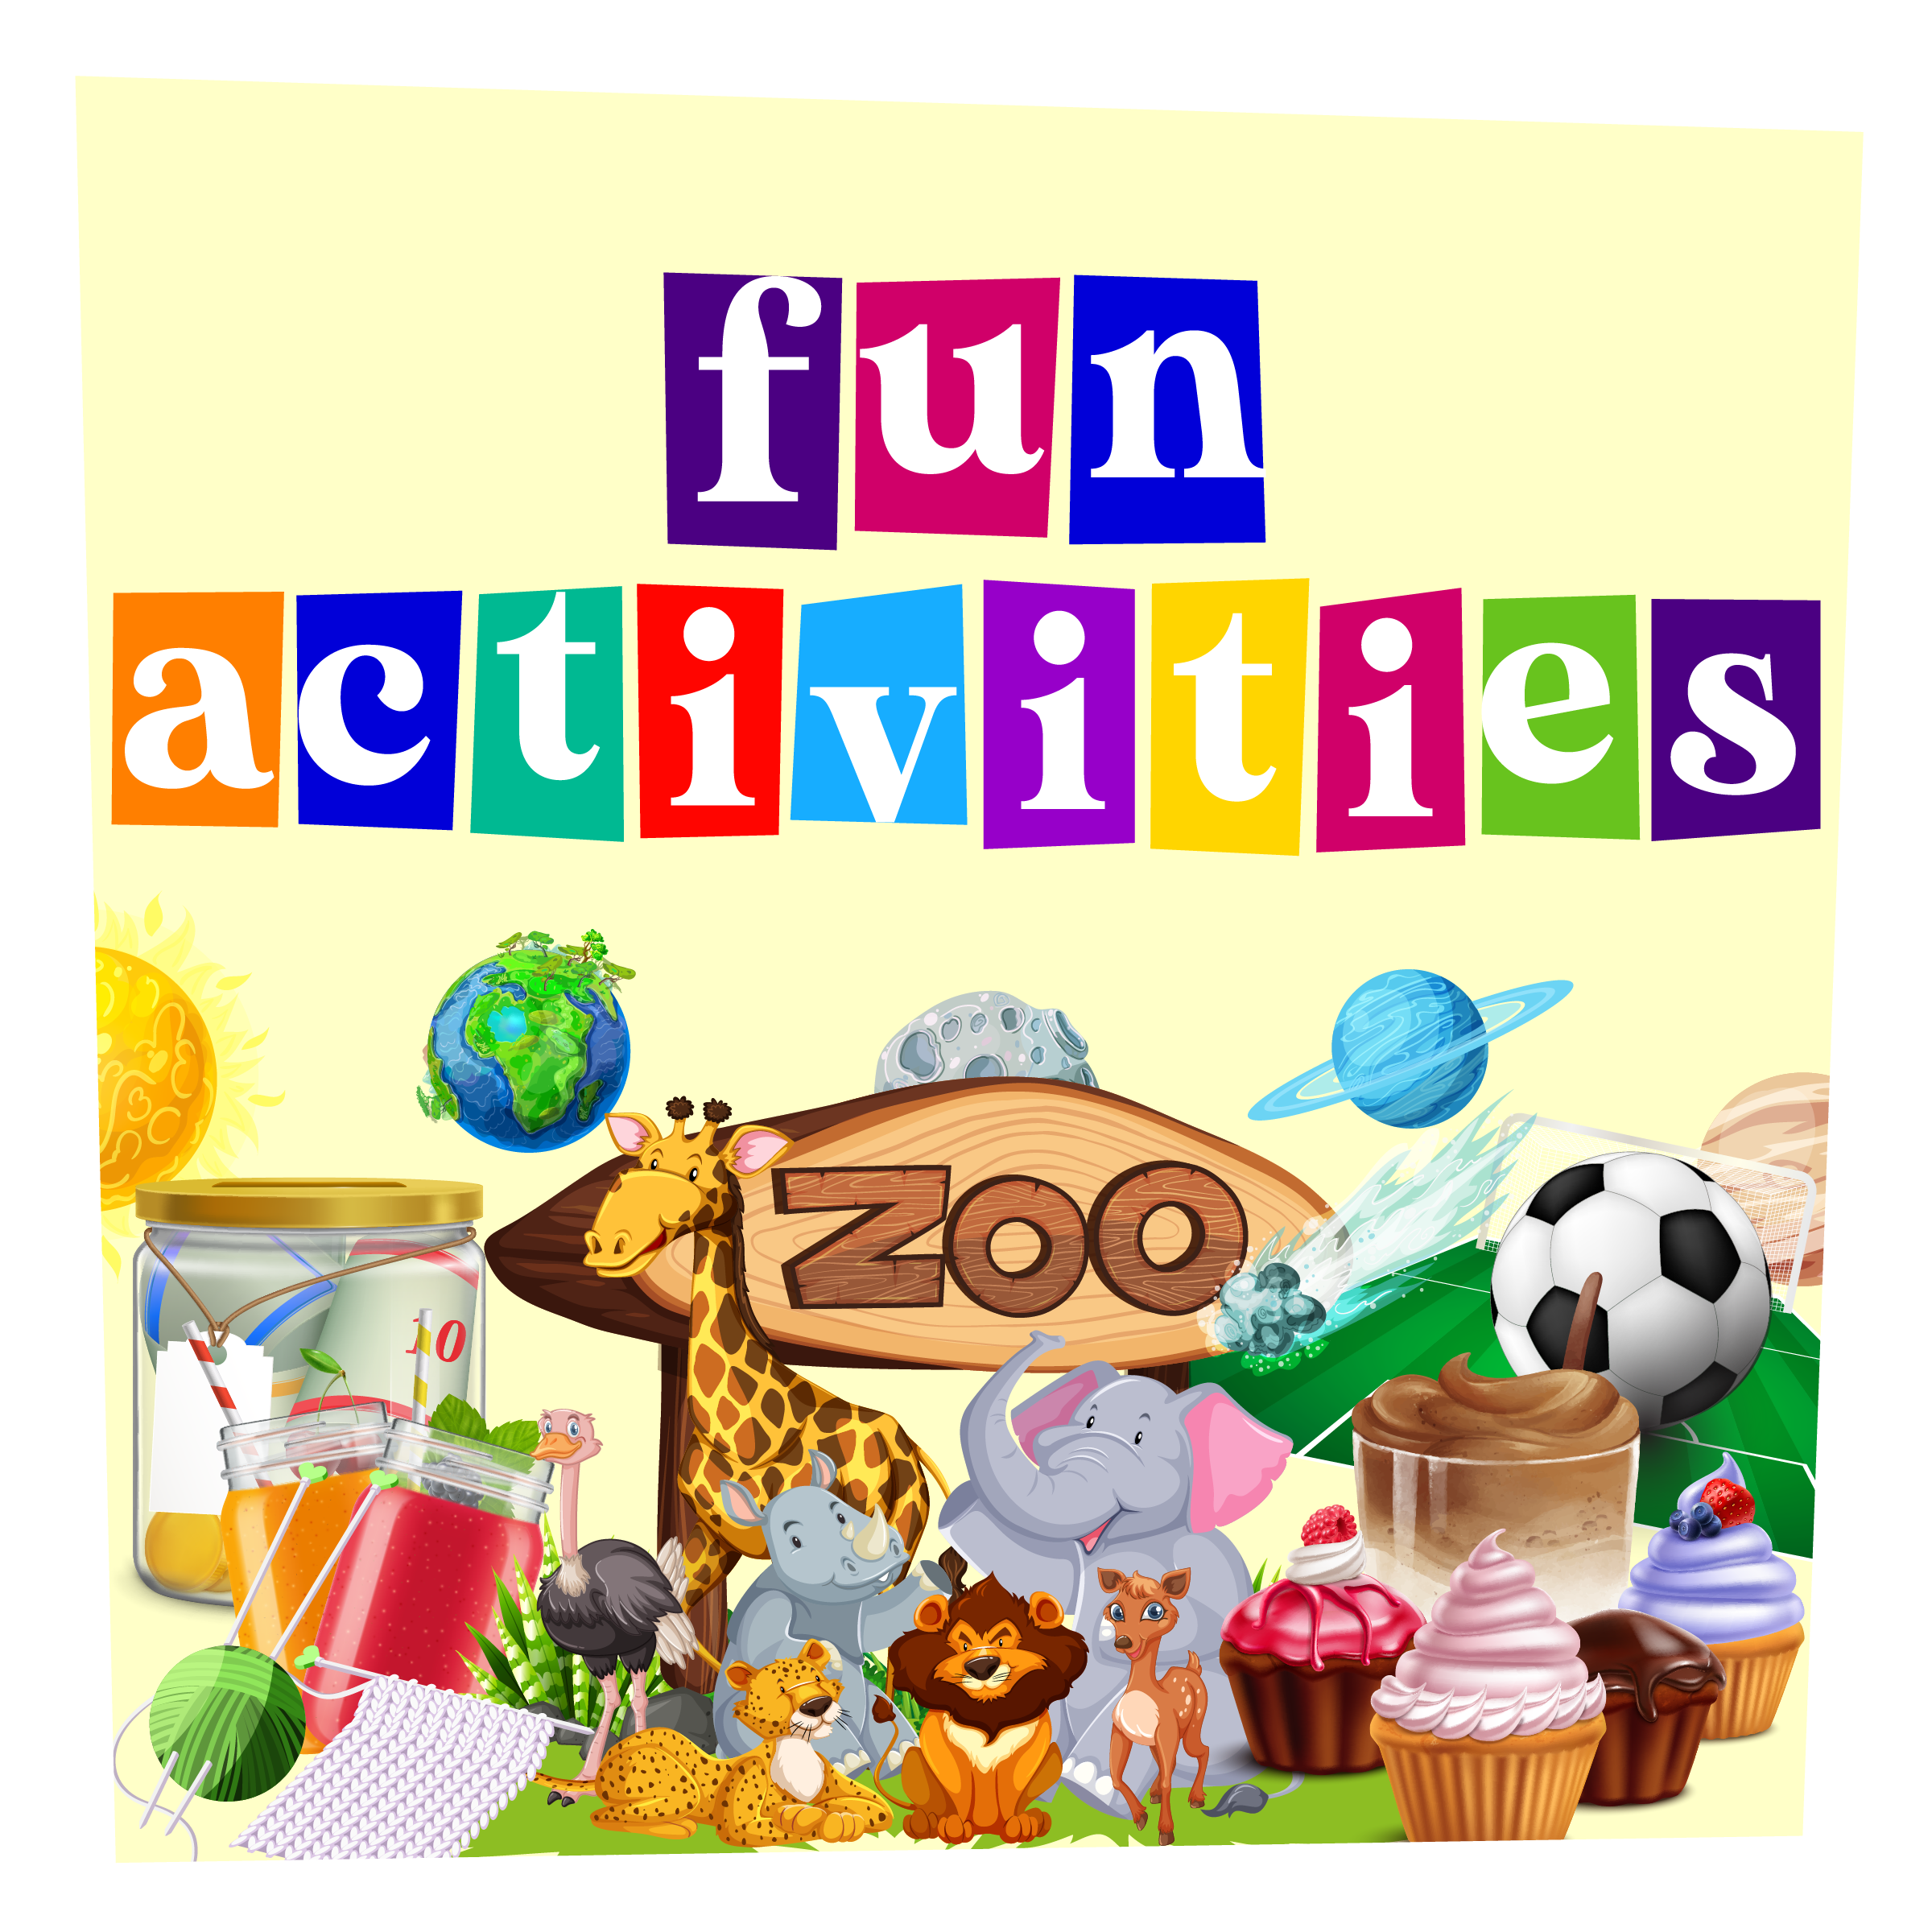 Fun_Activities